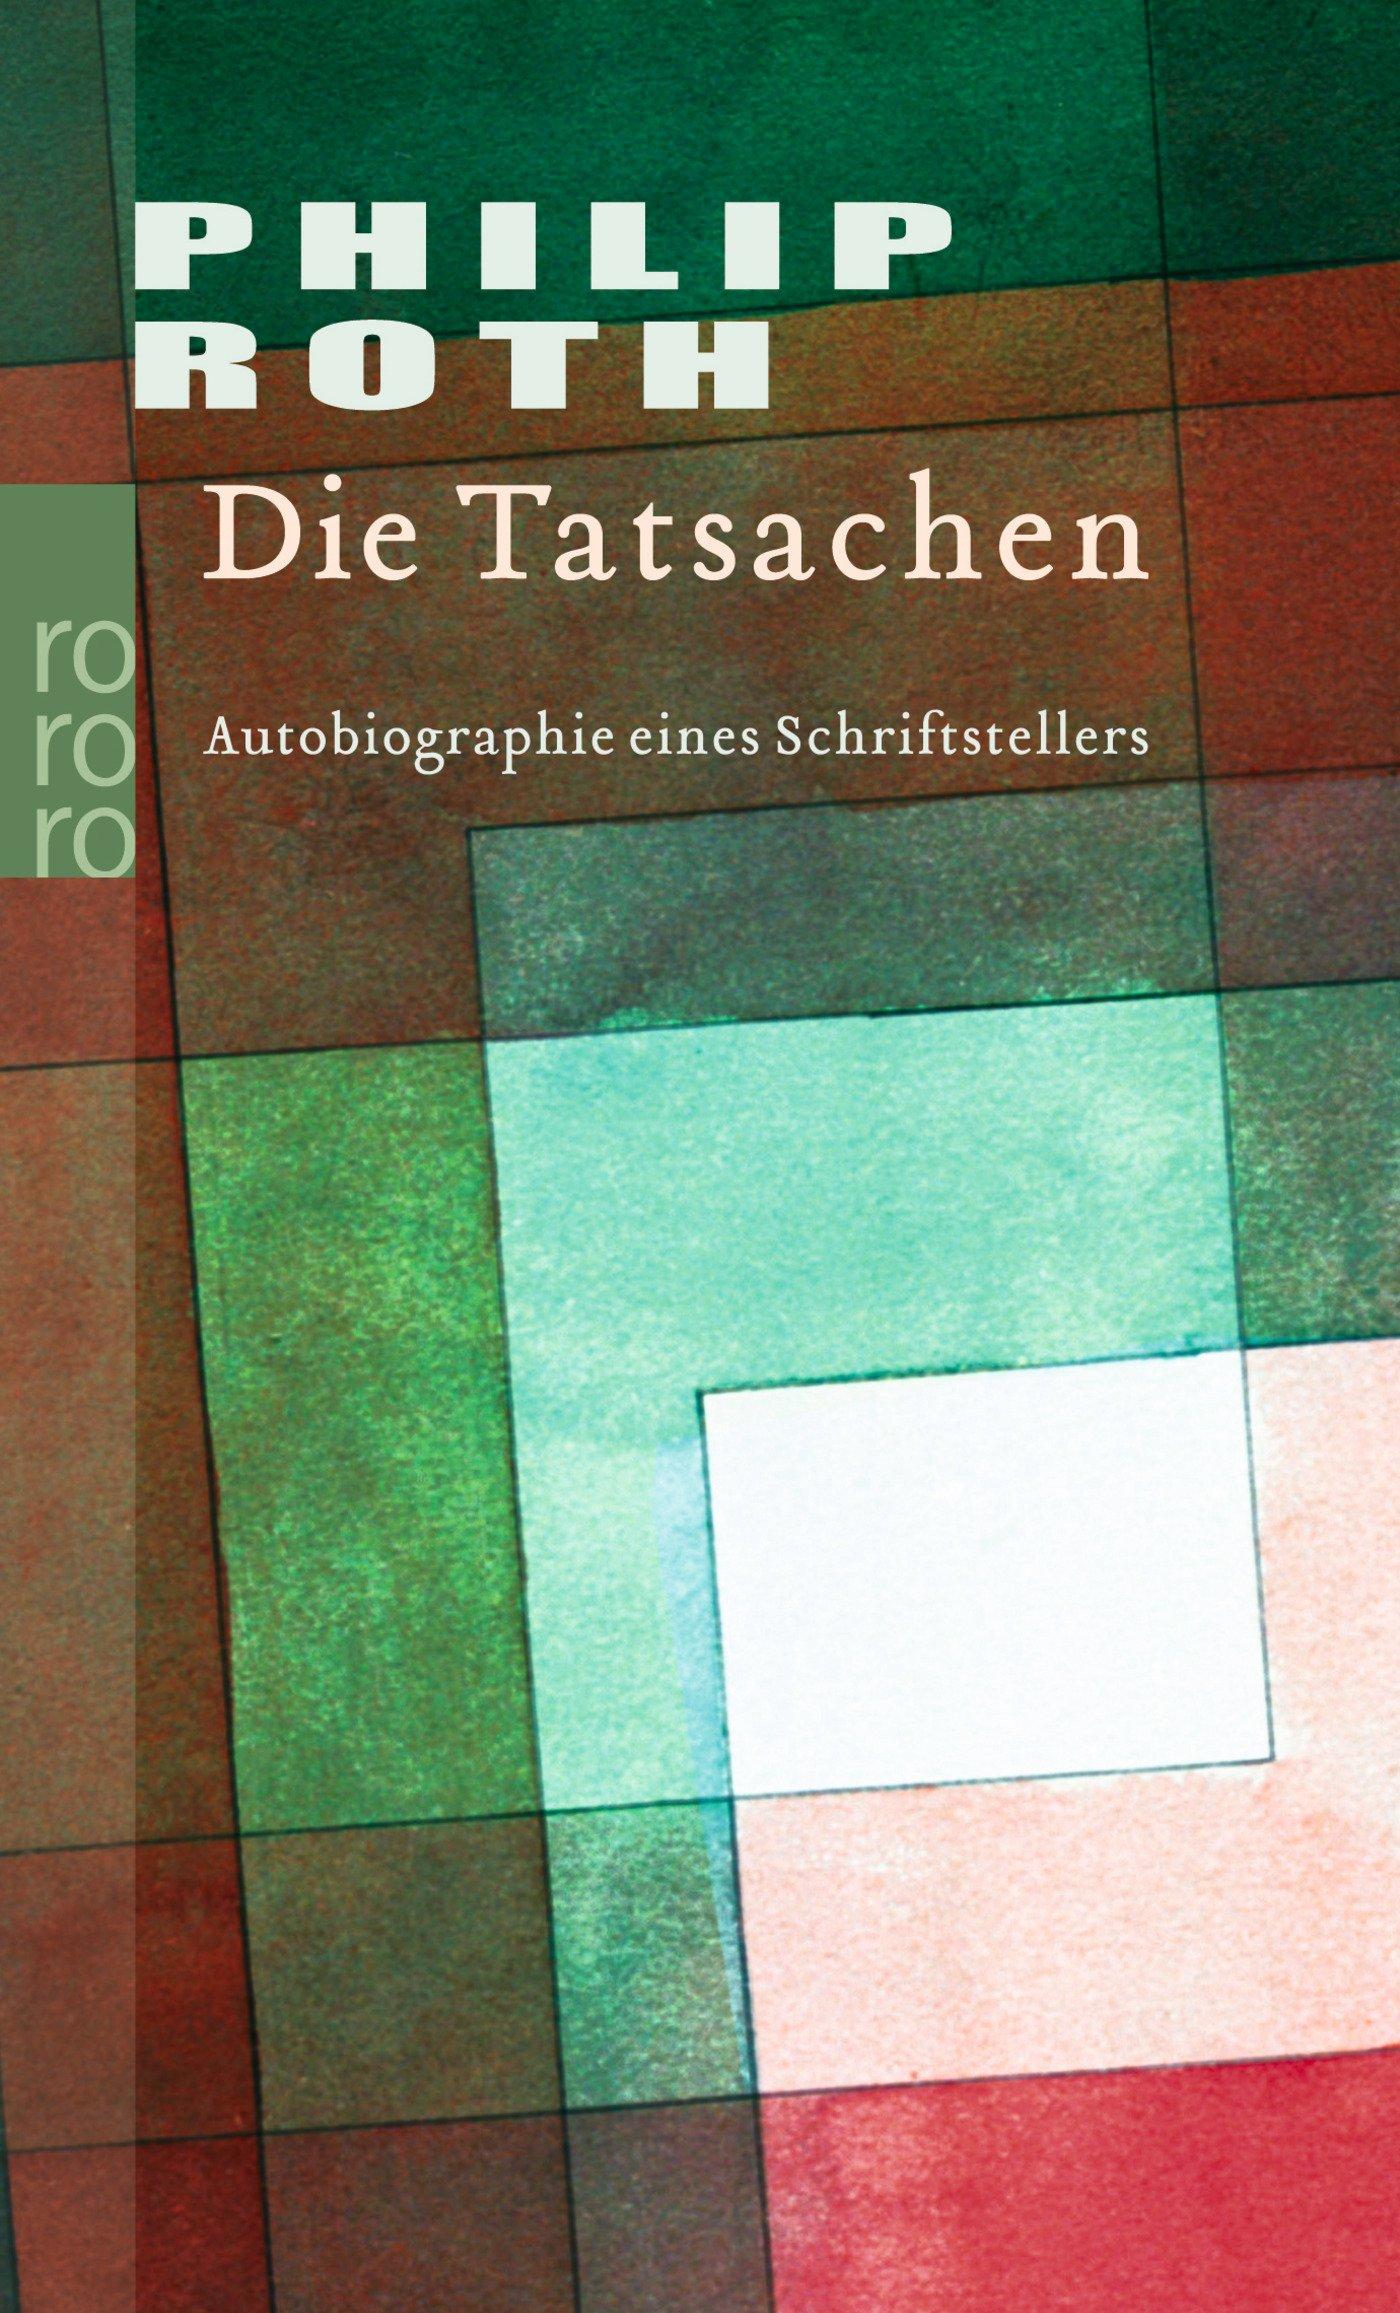 Die Tatsachen: Autobiographie eines Schriftstellers: Amazon.de ...